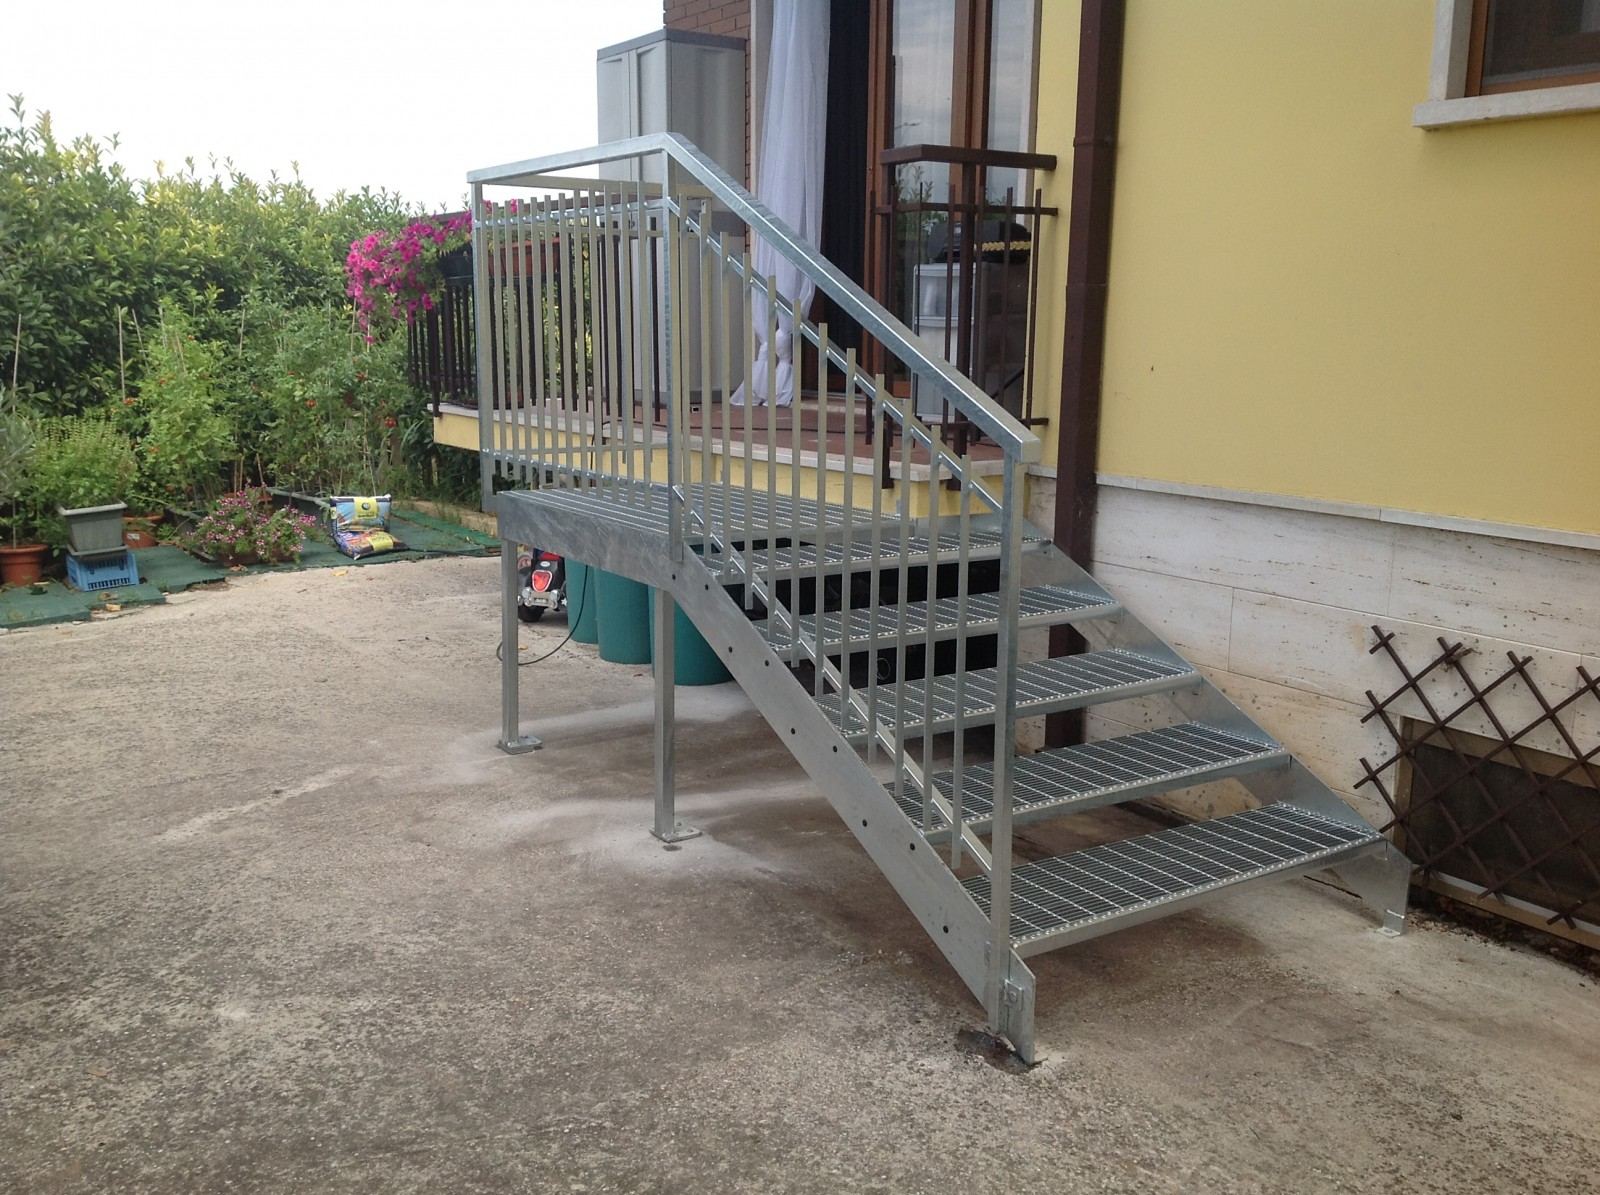 Cmc group recinzioni un altro blog di myblog - Cancelletto in legno per esterno ...